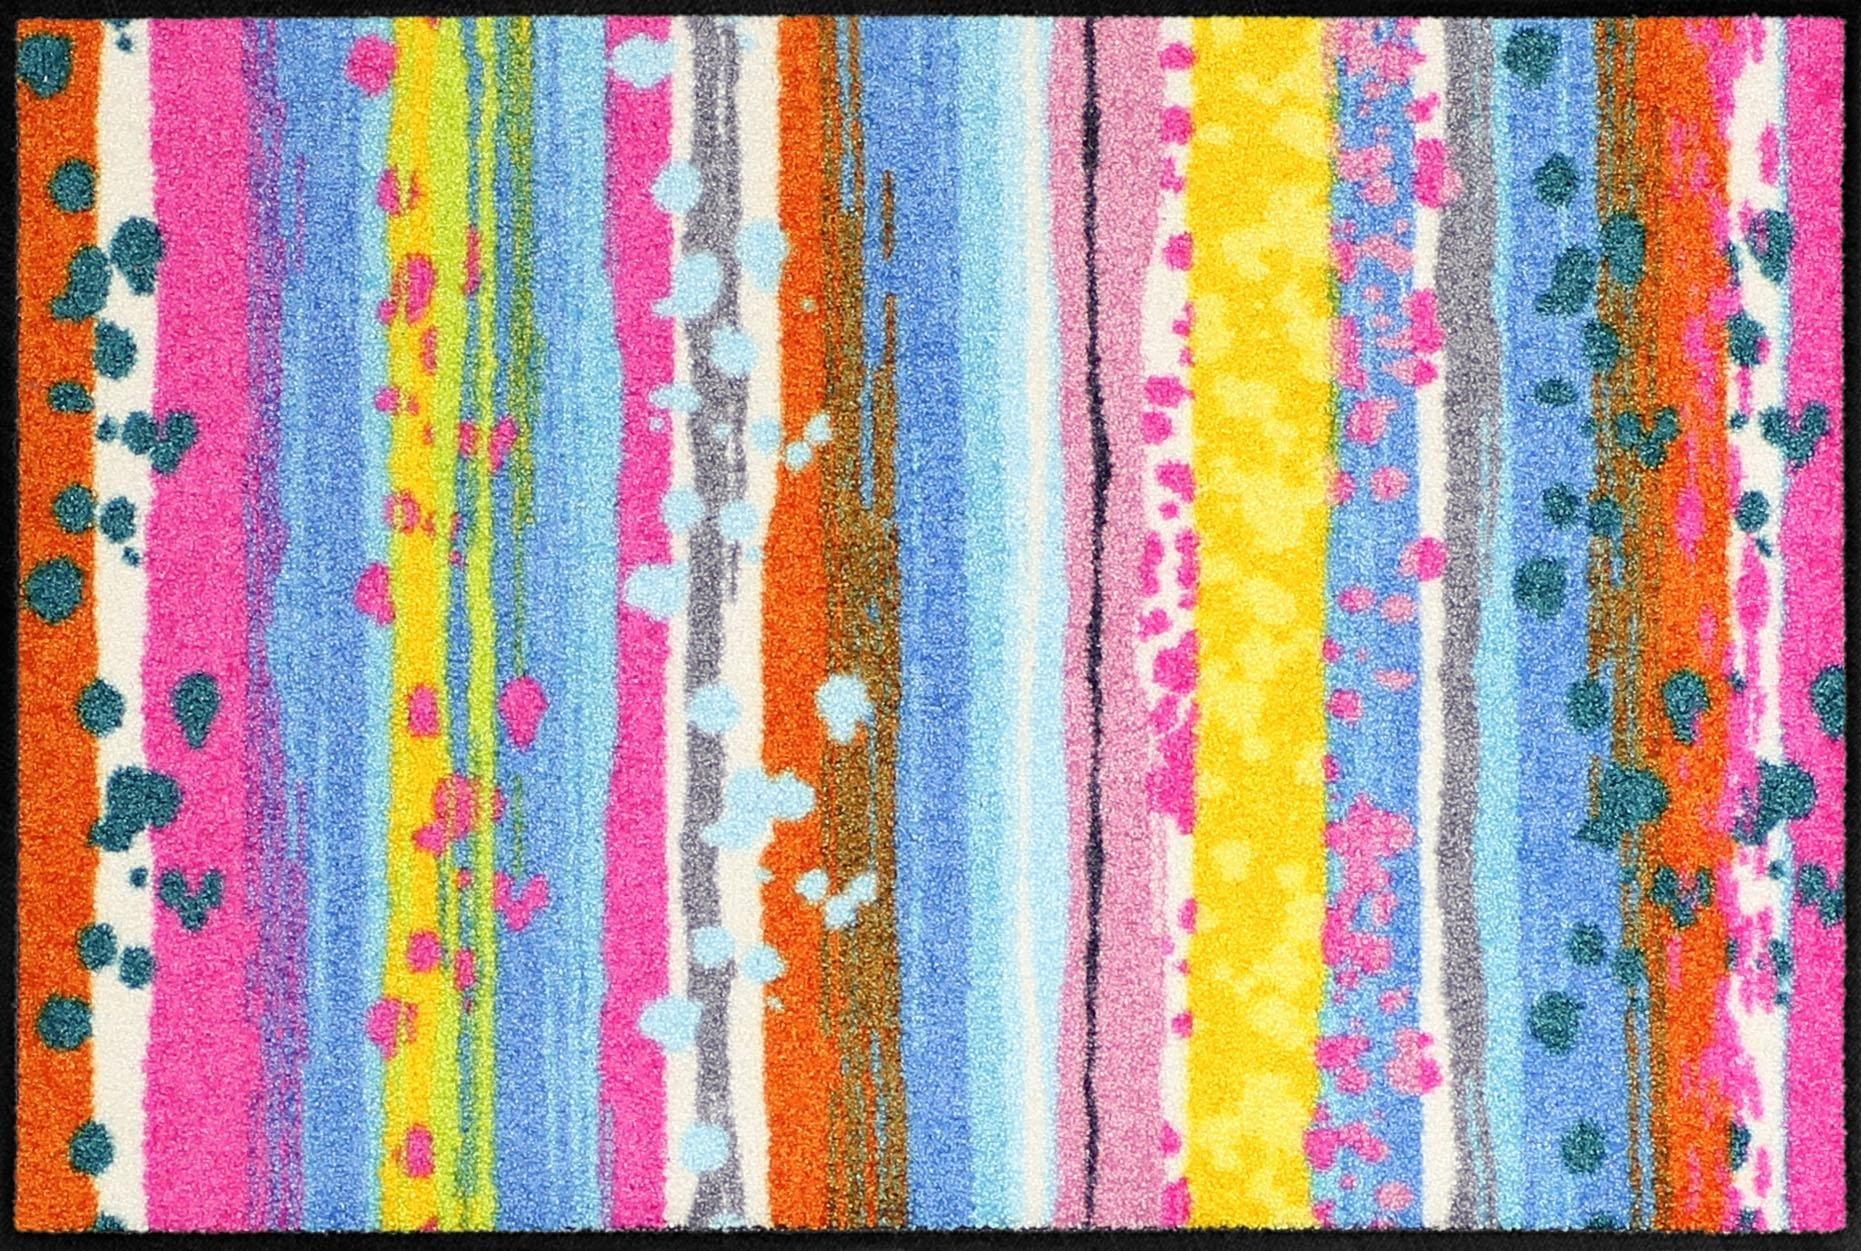 Fußmatte »Spot Stripes«, Salonloewe, rechteckig, Höhe 6 mm | Heimtextilien > Fussmatten | Salonloewe